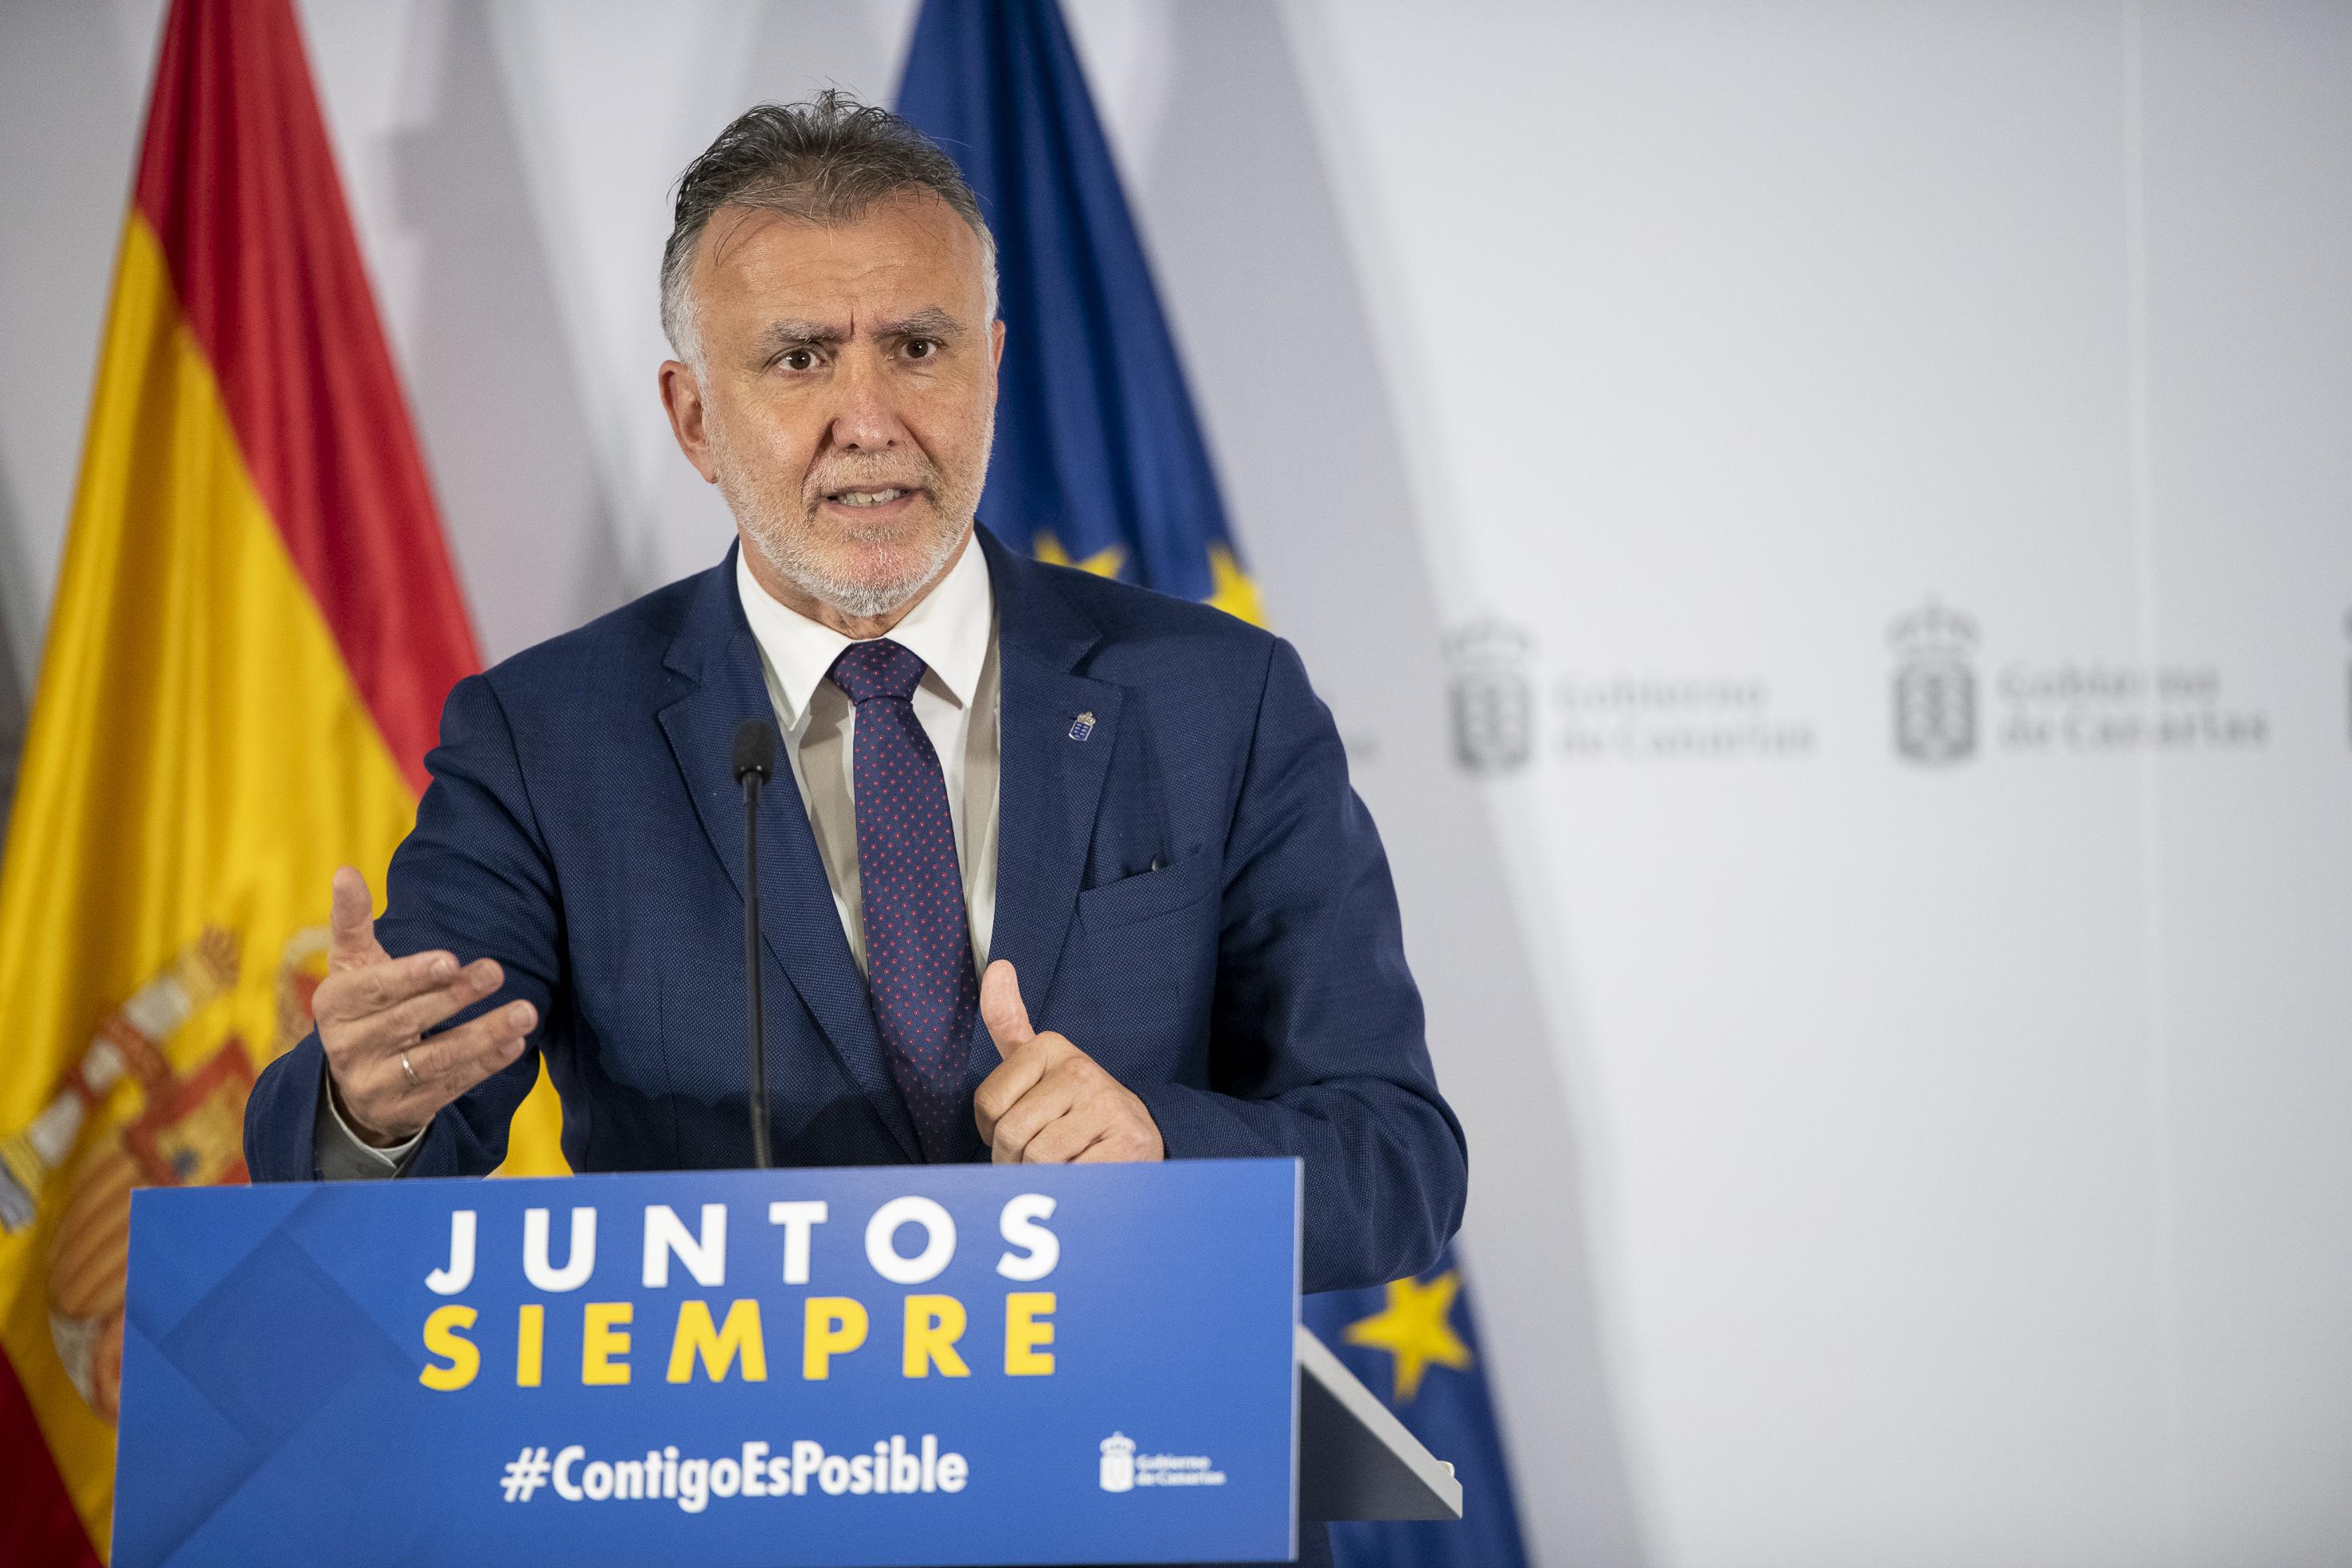 Gobierno de Canarias Ángel Víctor Torres